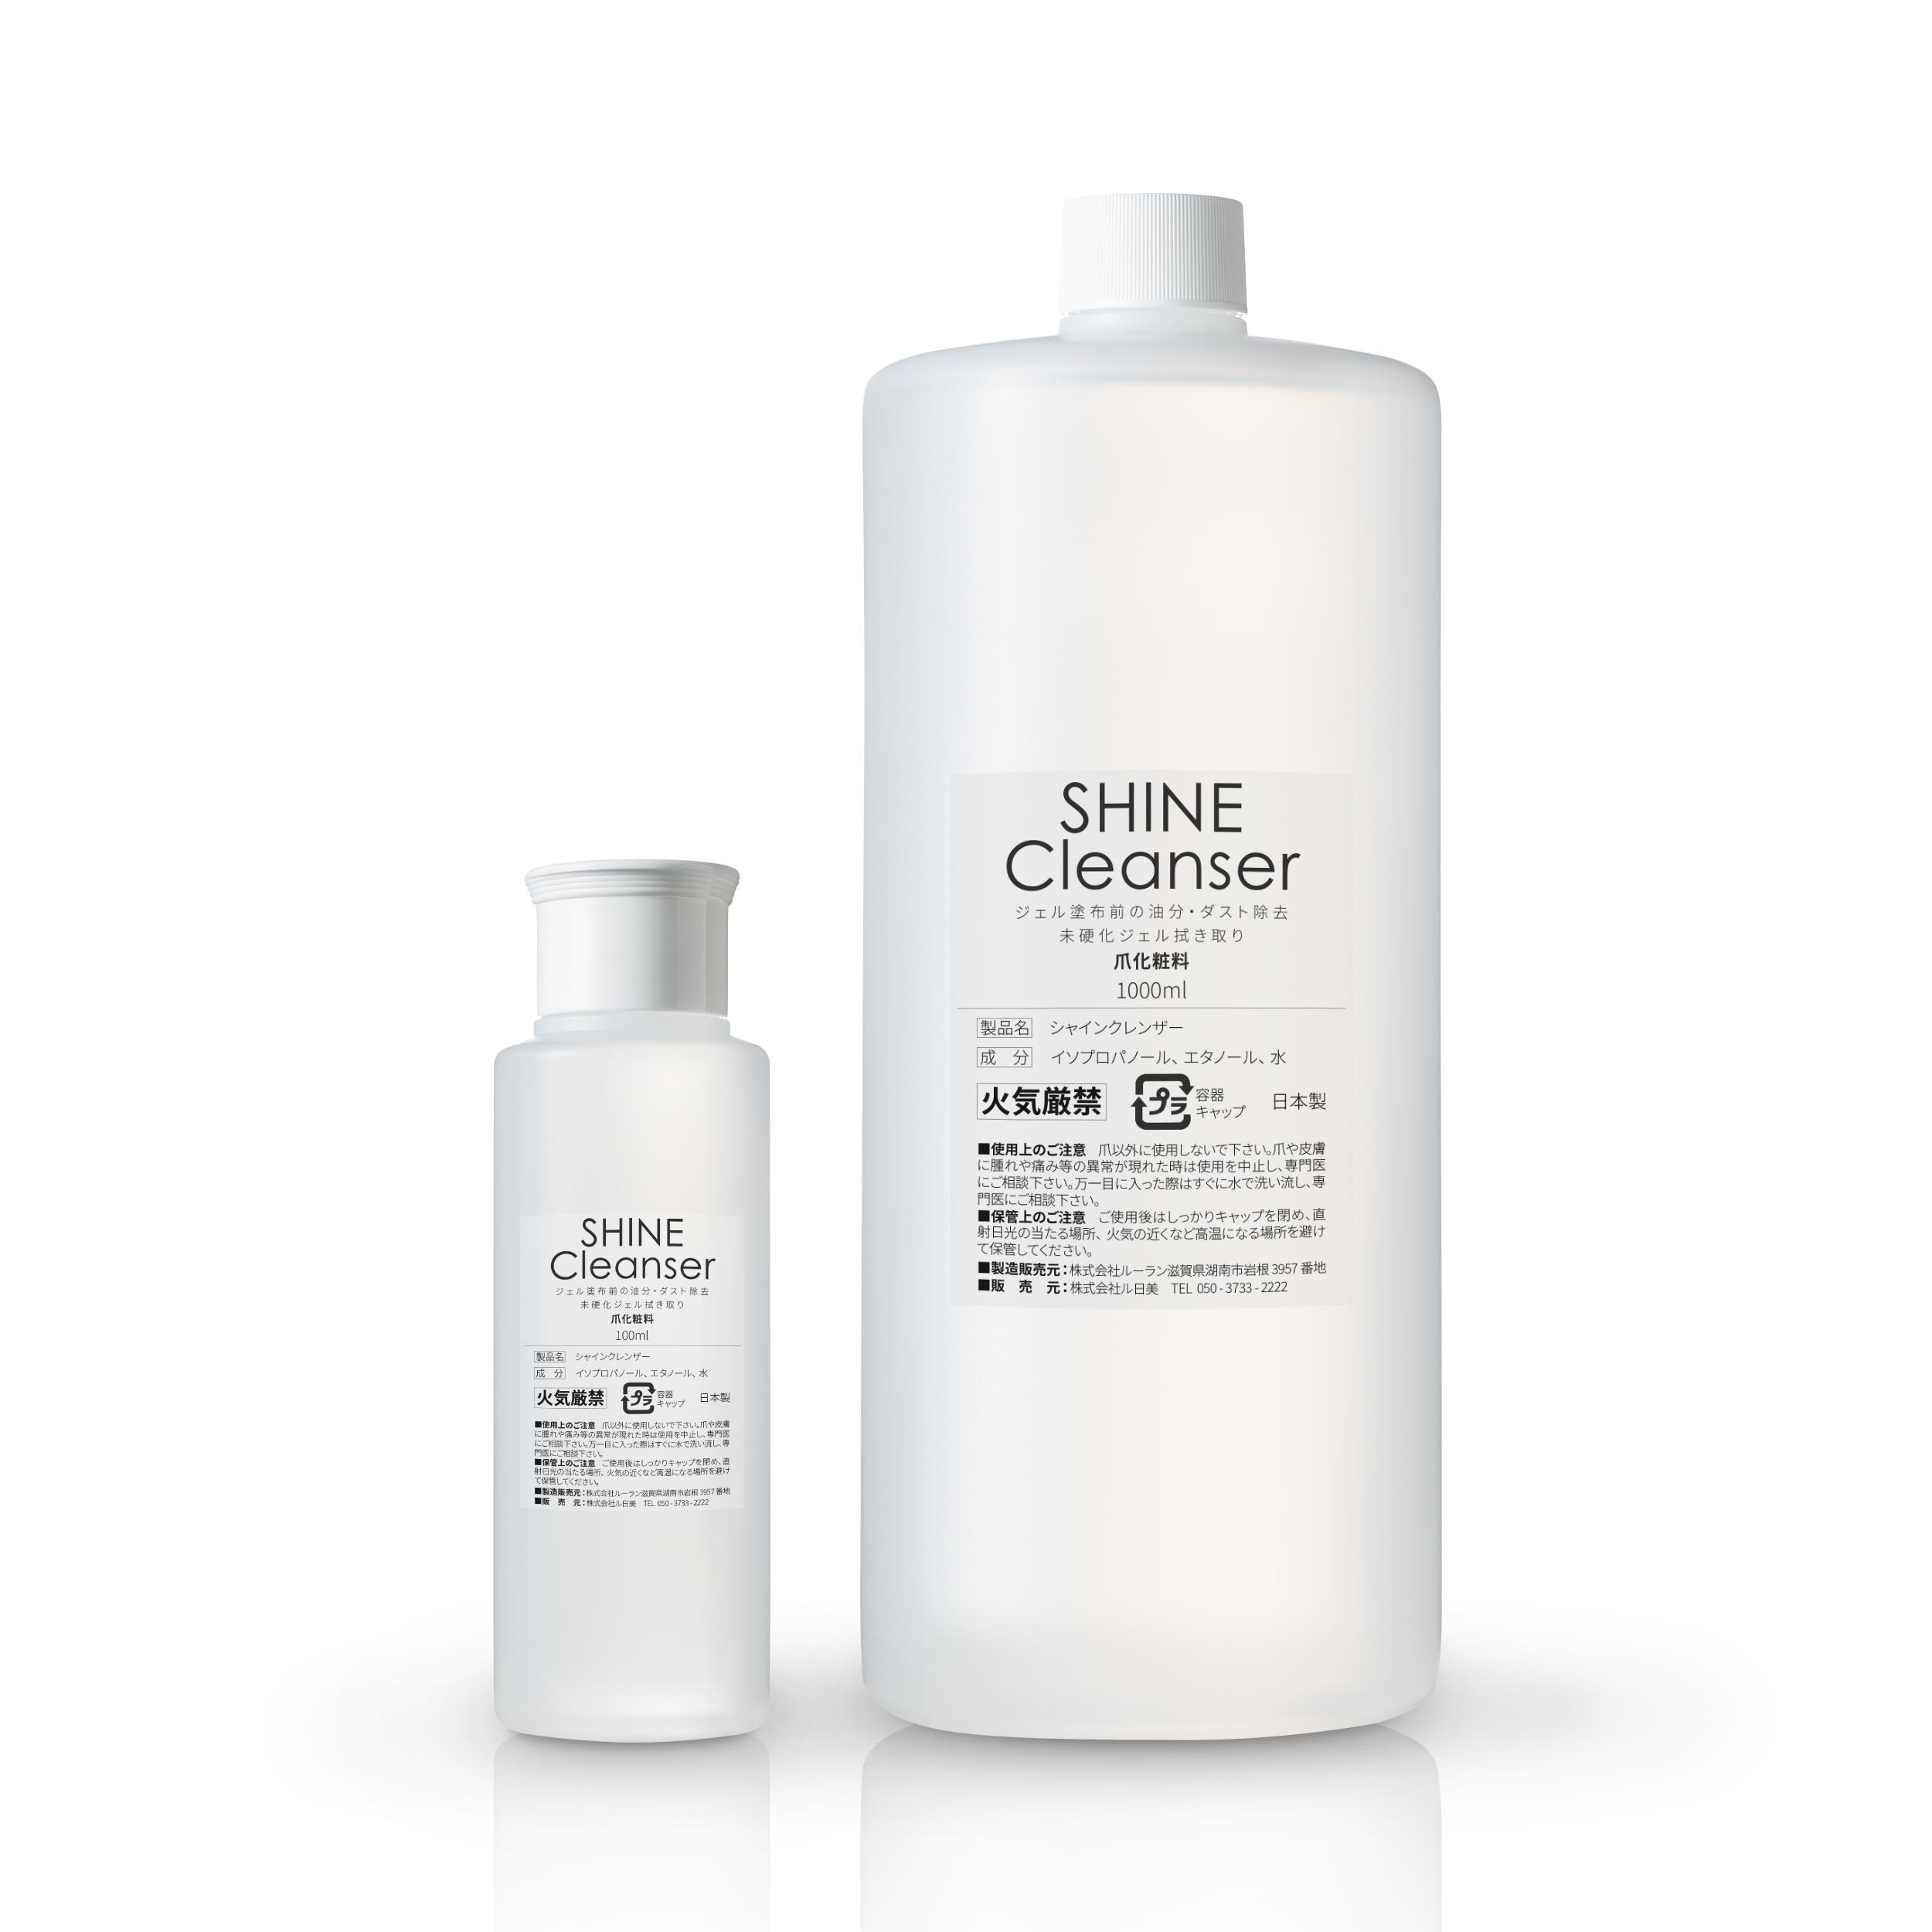 〘 拭き取り用溶剤 〙シャインクレンザー Shine Cleanser画像